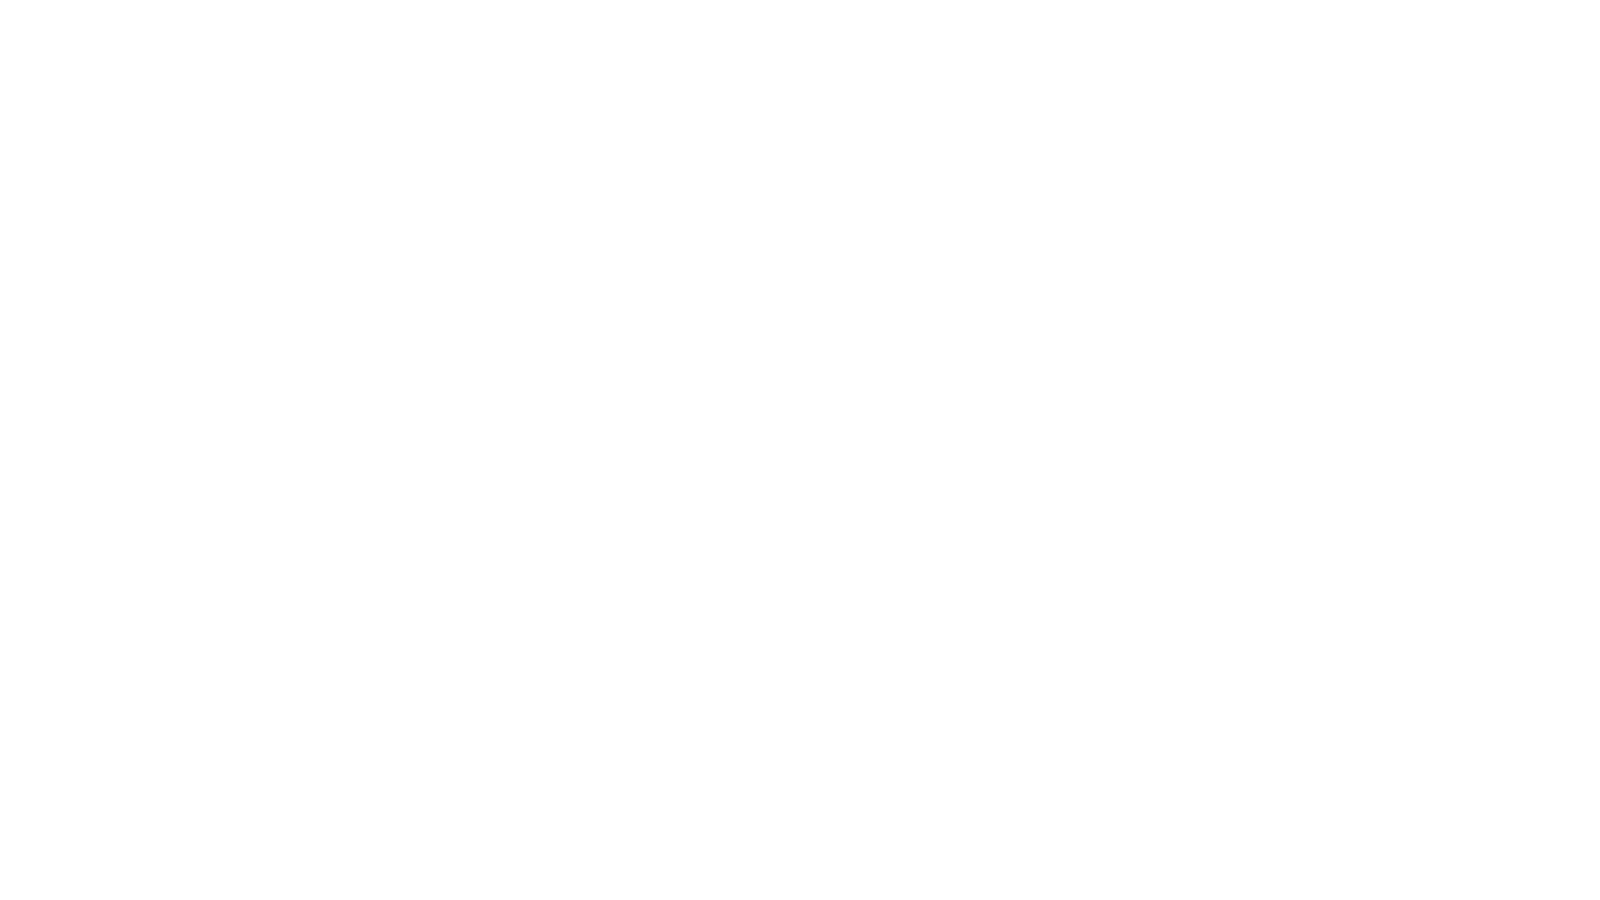 """28/01/2010 Università degli Studi di Roma La Sapienza  """"La via isoscele della sera"""" per archi  C. DI CECCA brano vincitore del IV Conc. Naz. di Composizione """"Francesco Agnello"""" - 2018 -  W. A. MOZART Divertimento in fa maggiore n. 3 per archi K 138 A. VIVALDI Concerto in re maggiore per chitarra e archi O. RESPIGHI Antiche arie e danze per liuto – Suite III A. PIAZZOLLA Concerto per chitarra, bandoneón e archi  Segui I Solisti Aquilani: Facebook - https://www.facebook.com/I-Solisti-Aquilani-192324050787828/ Instagram - https://www.instagram.com/isolistiaquilani/ Sito Web - solistiaquilani.mister-wolf.it"""